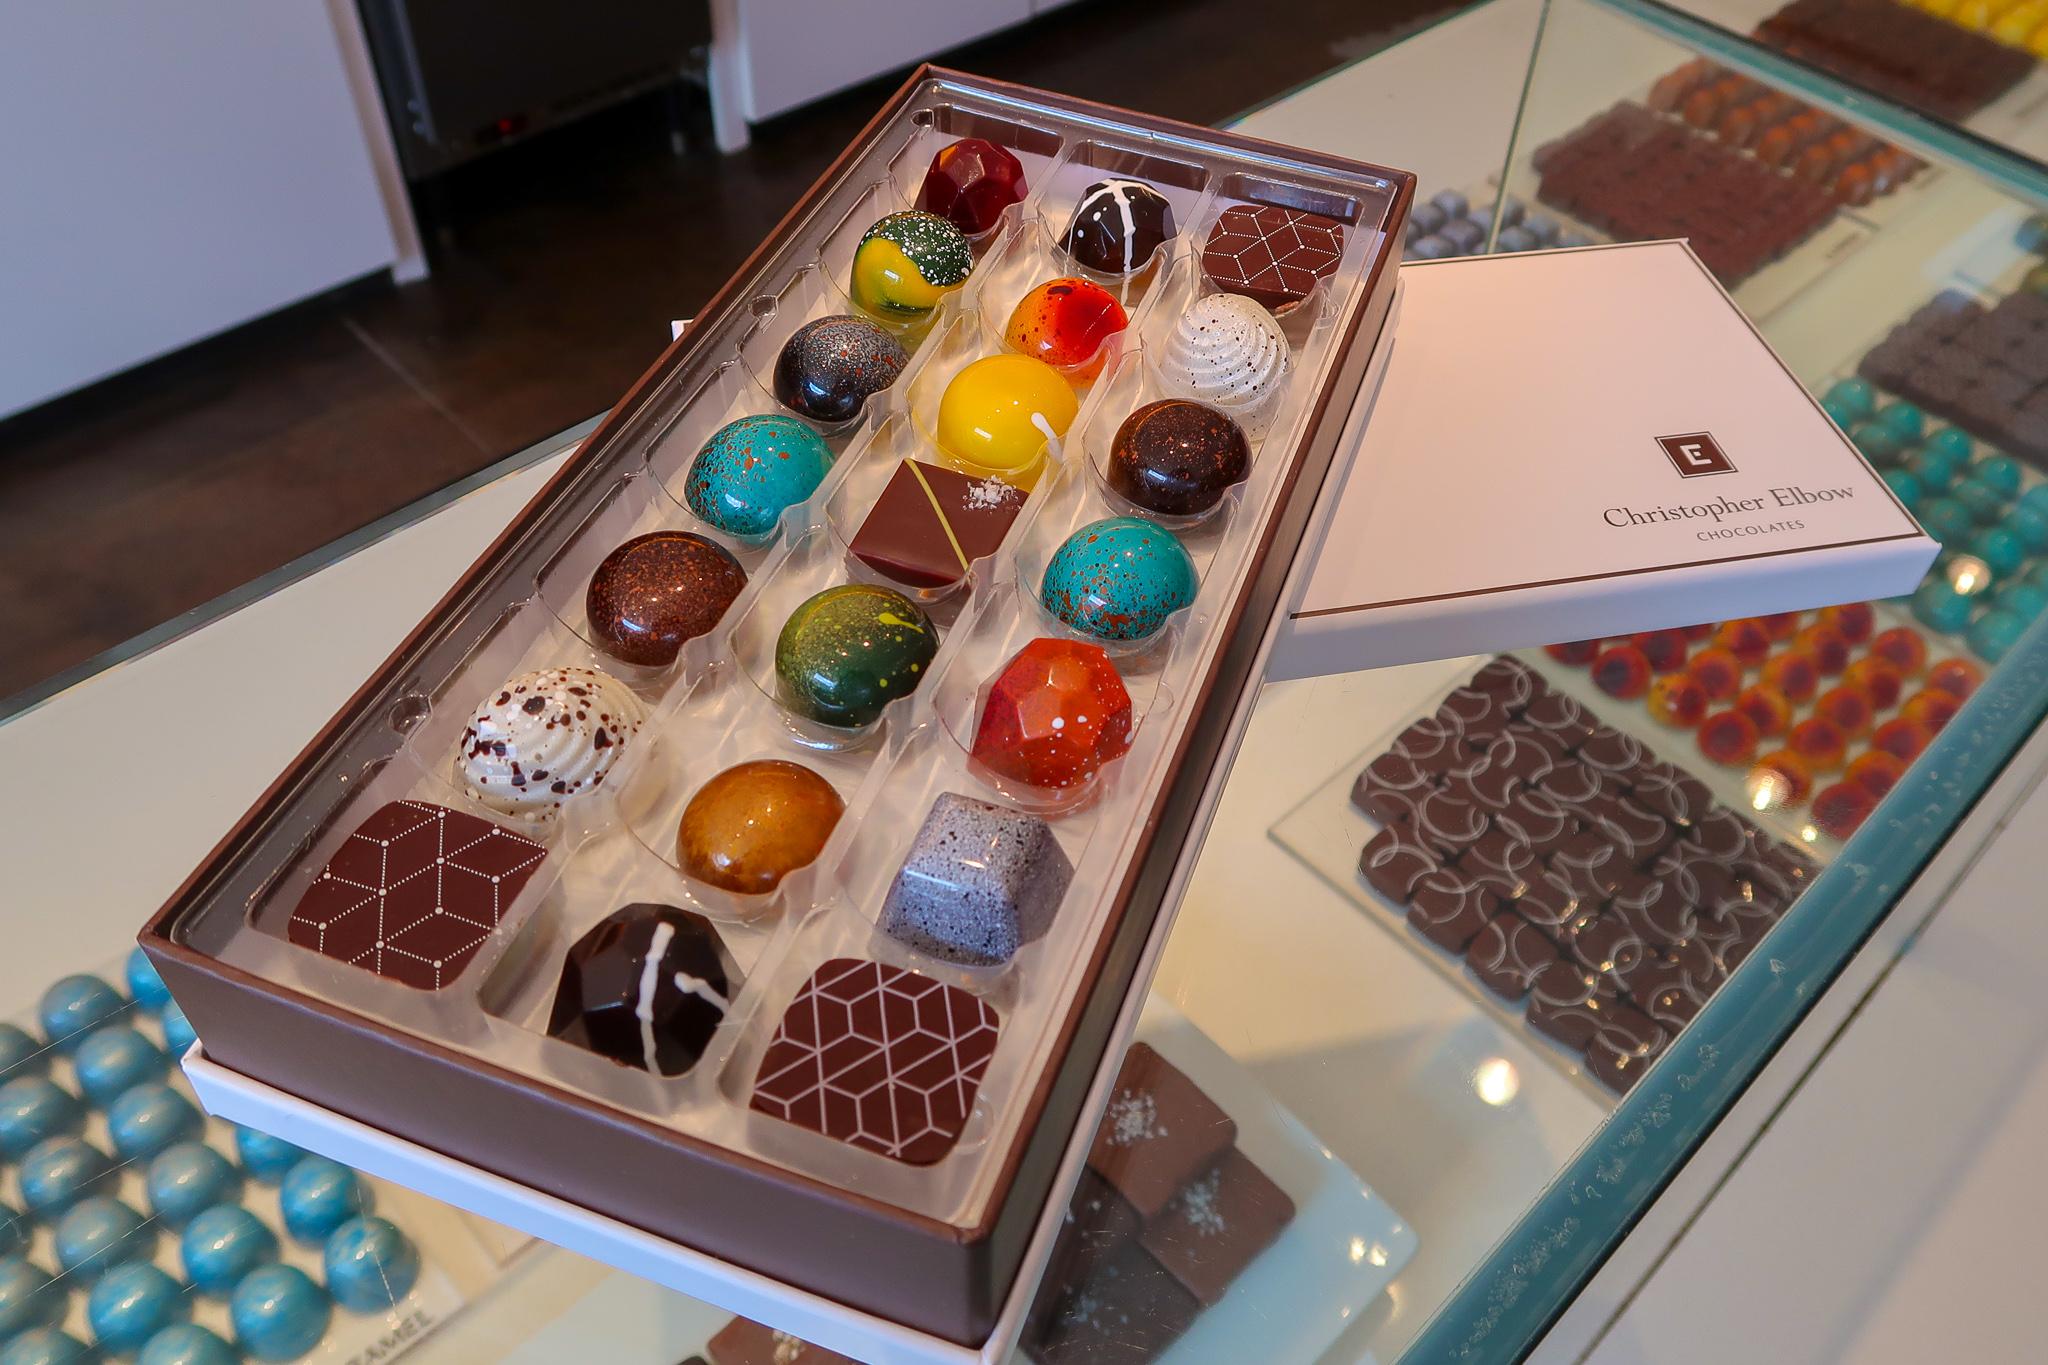 Christopher Elbow Chocolate Kansas City